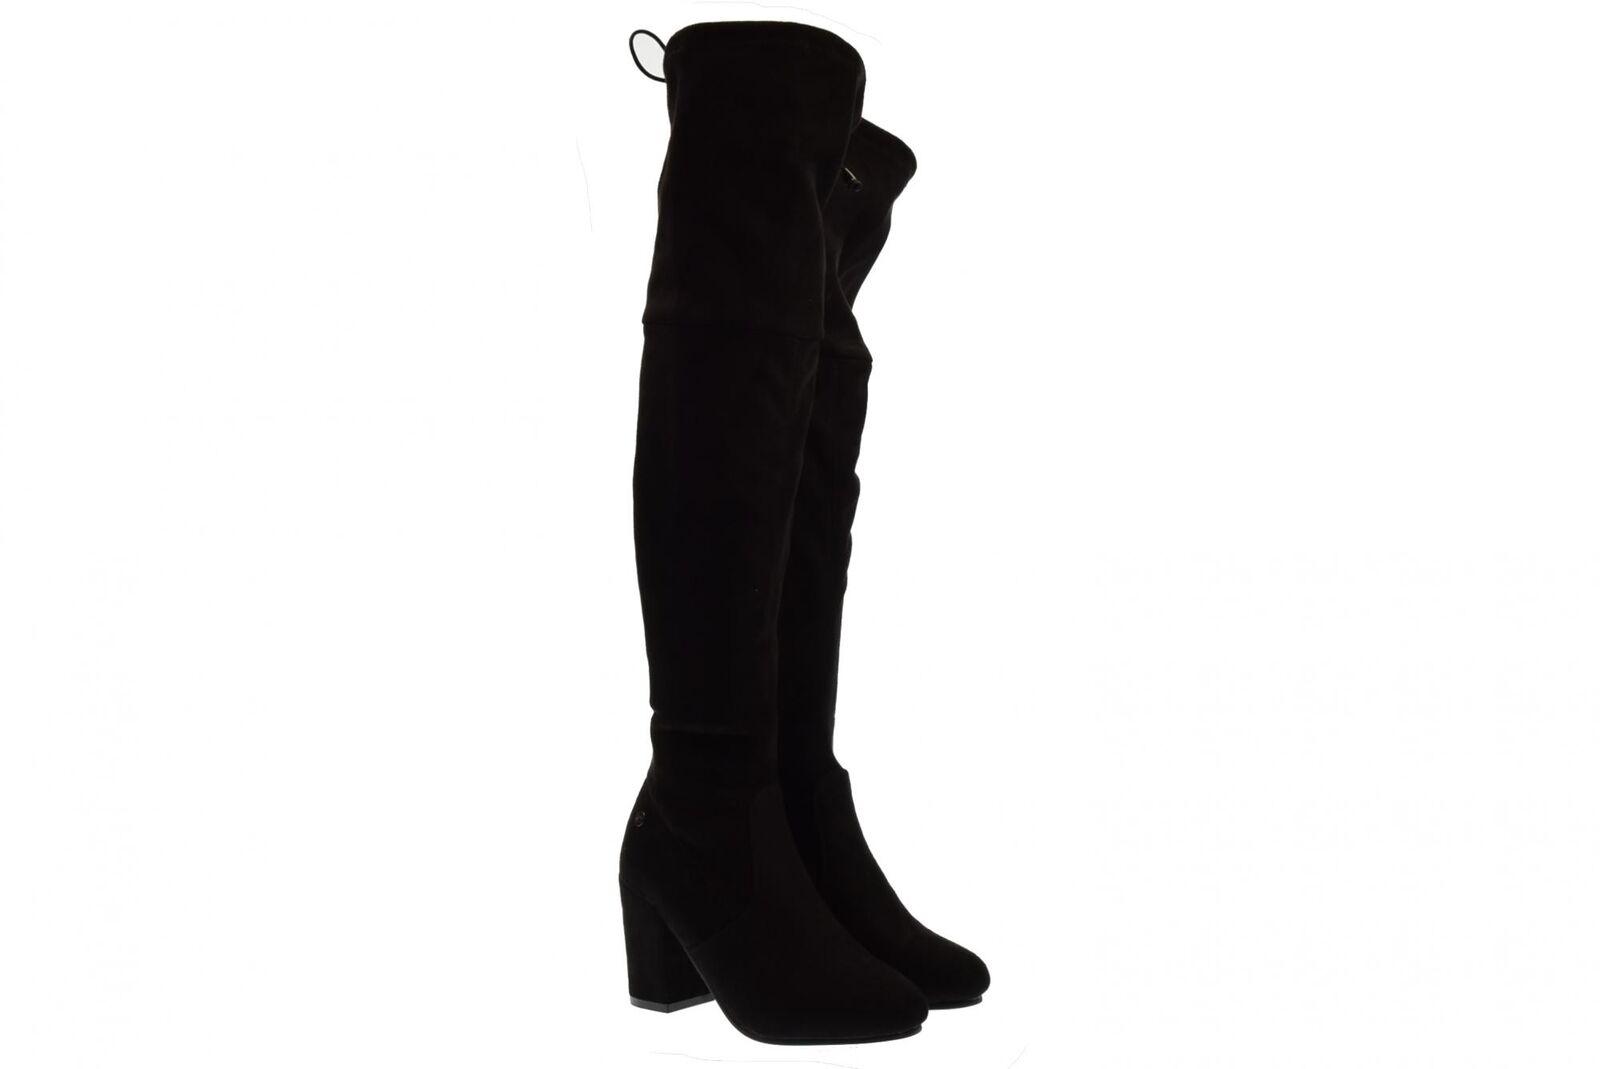 Xti scarpe donna stivali sopra sopra sopra il ginocchio 48565 nero A18 52235f